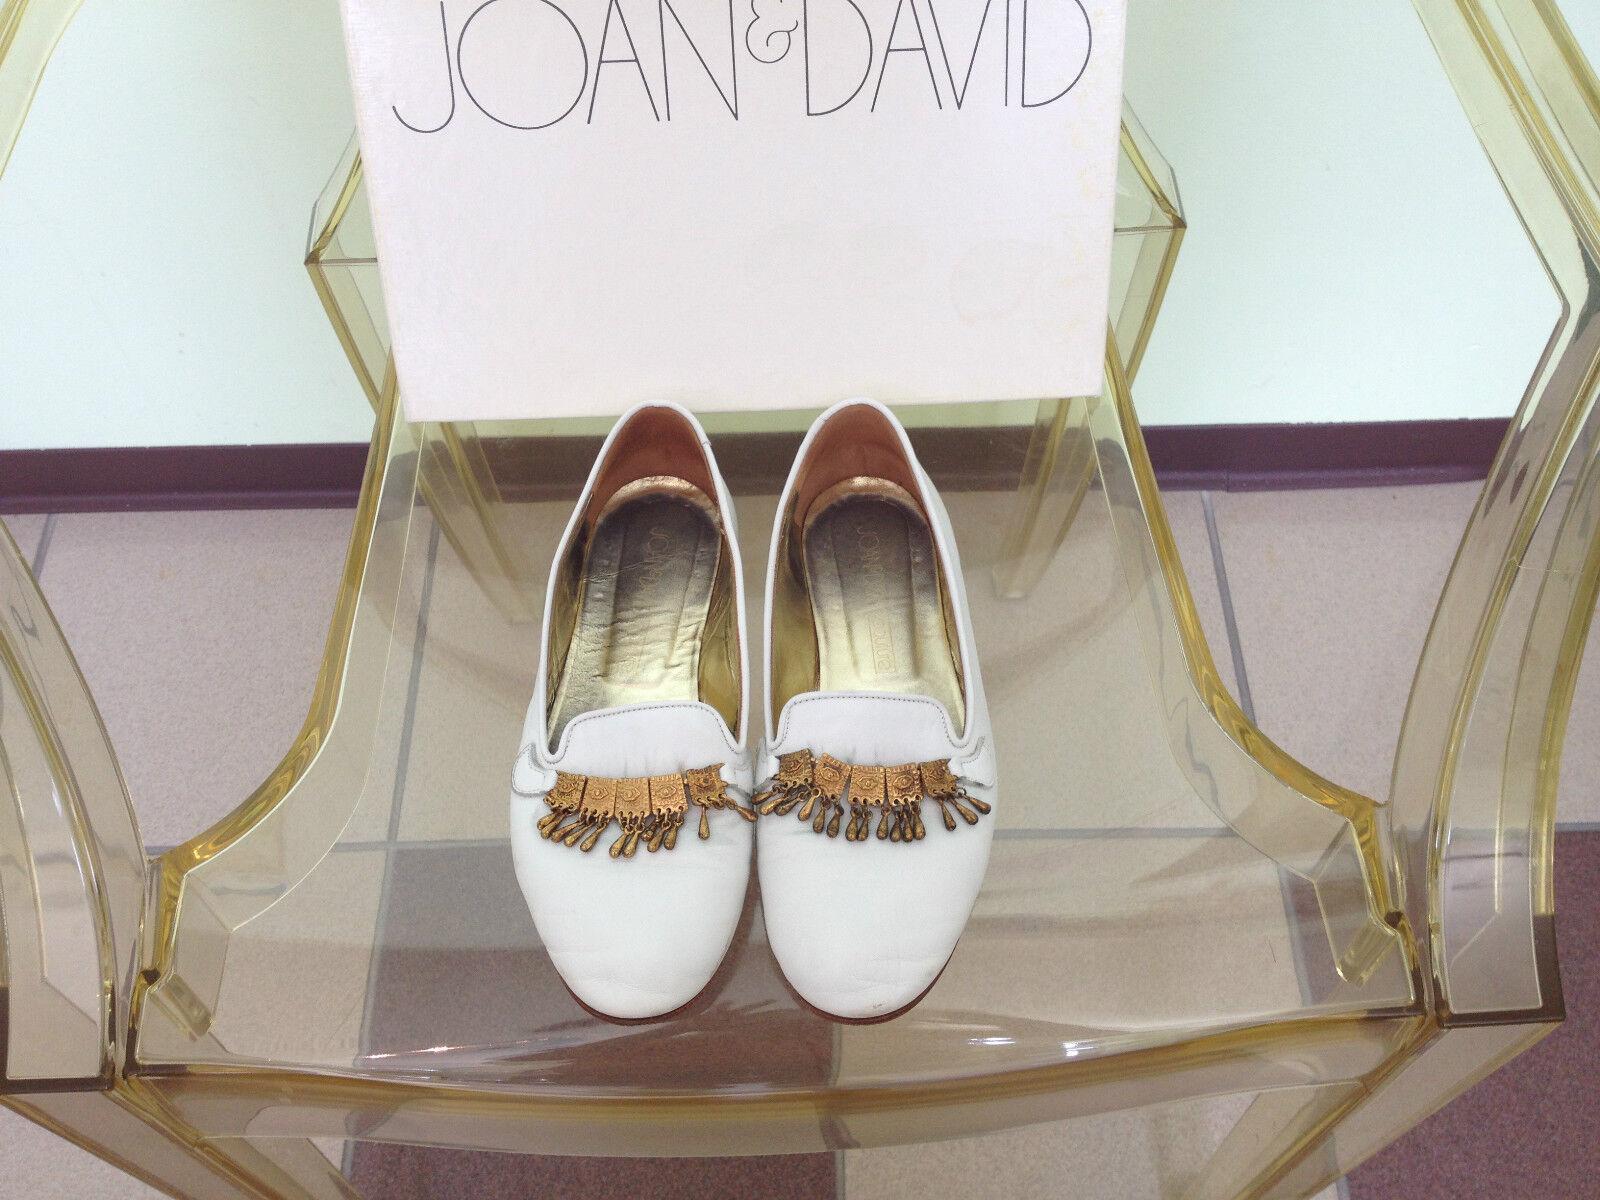 Para mujer Joan & David Hecho a Mano Cuero Cuero Cuero Mocasines blancoo con encanto de oro recortar tamaño 7M  mejor calidad mejor precio